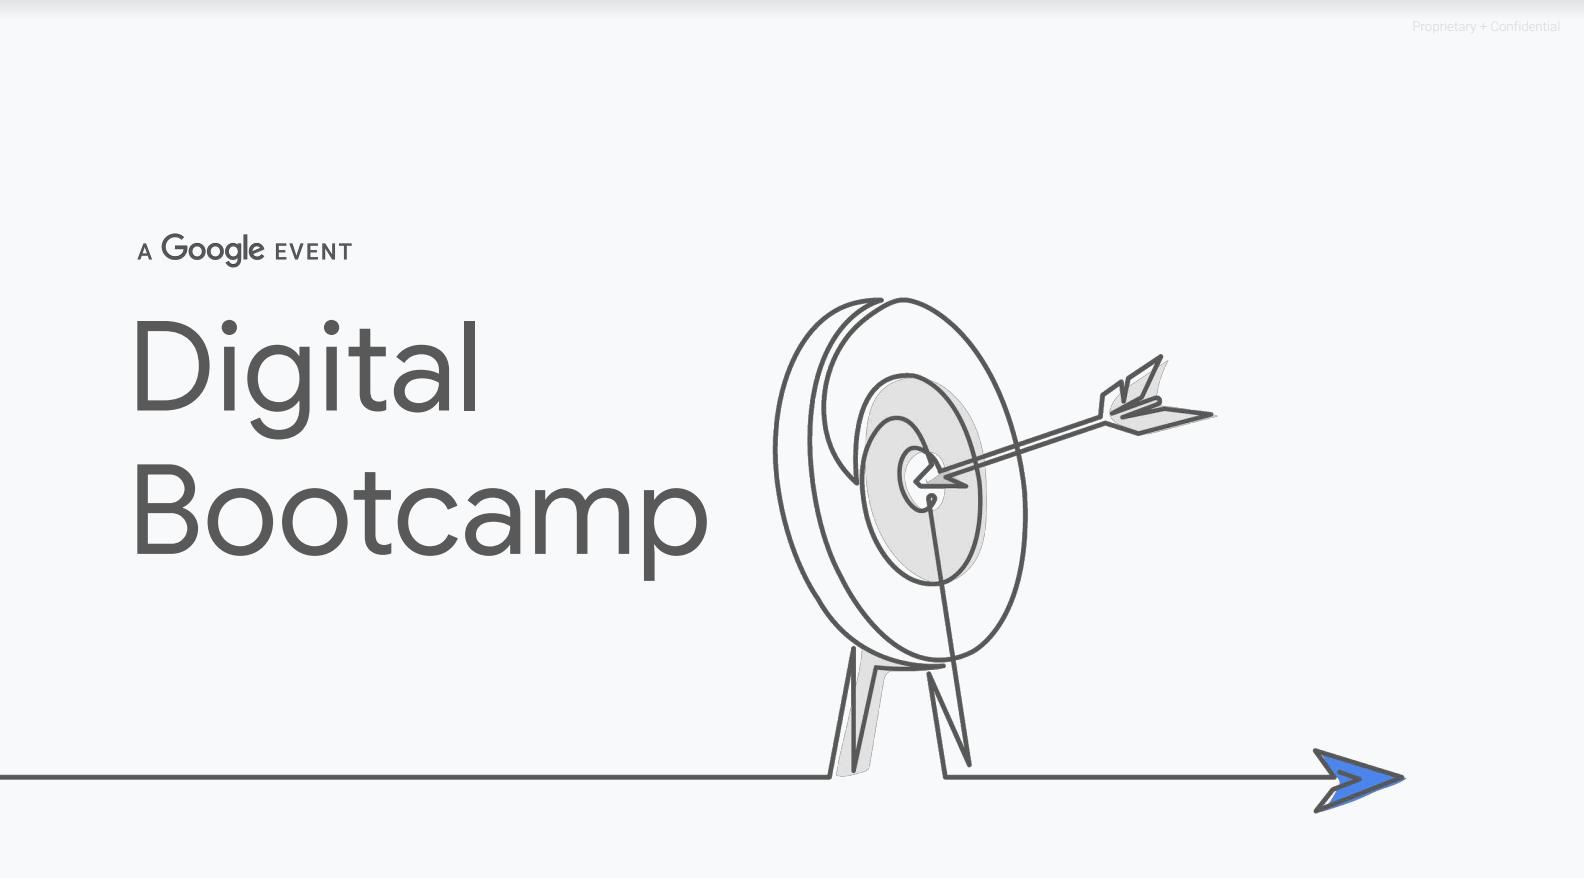 google-digtial-bootcamp-slides